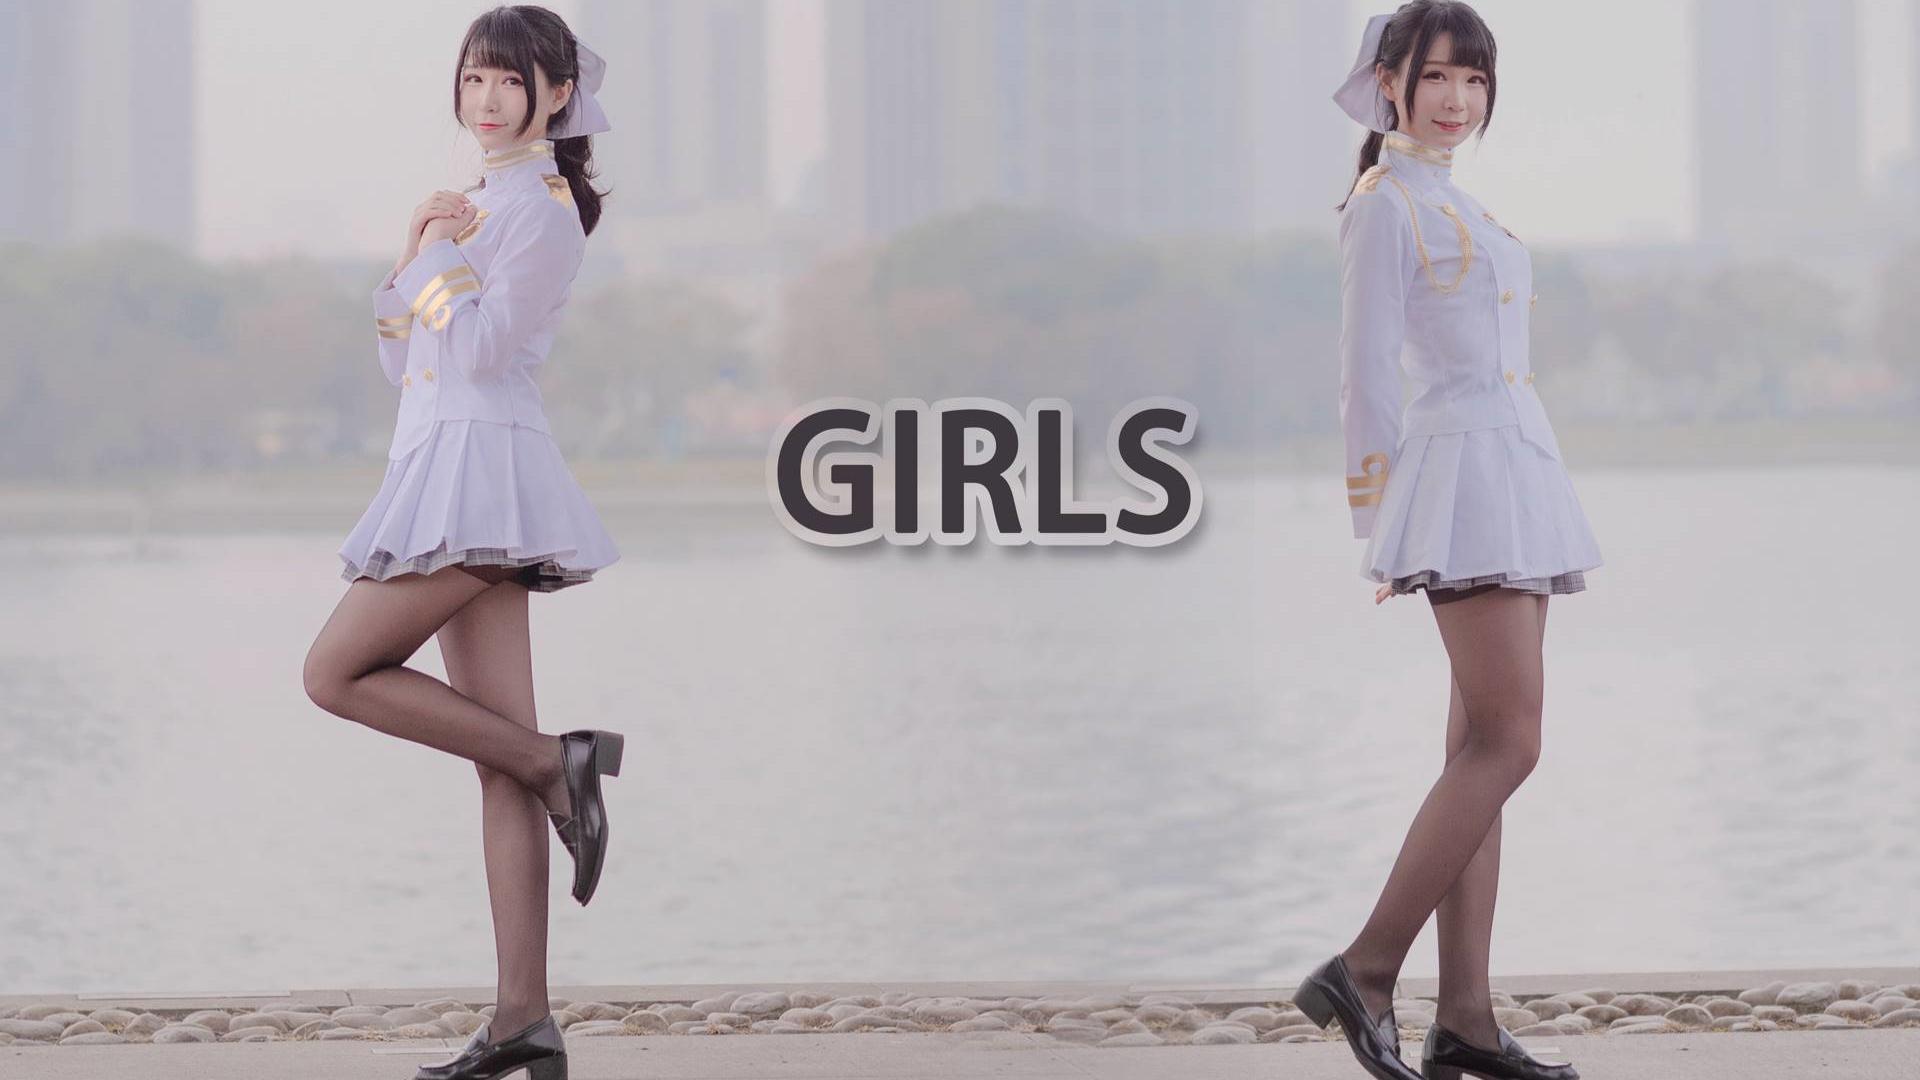 【芸喵】Girls☆你打算怎么对我o( ̄▽ ̄)o【波澜映像】